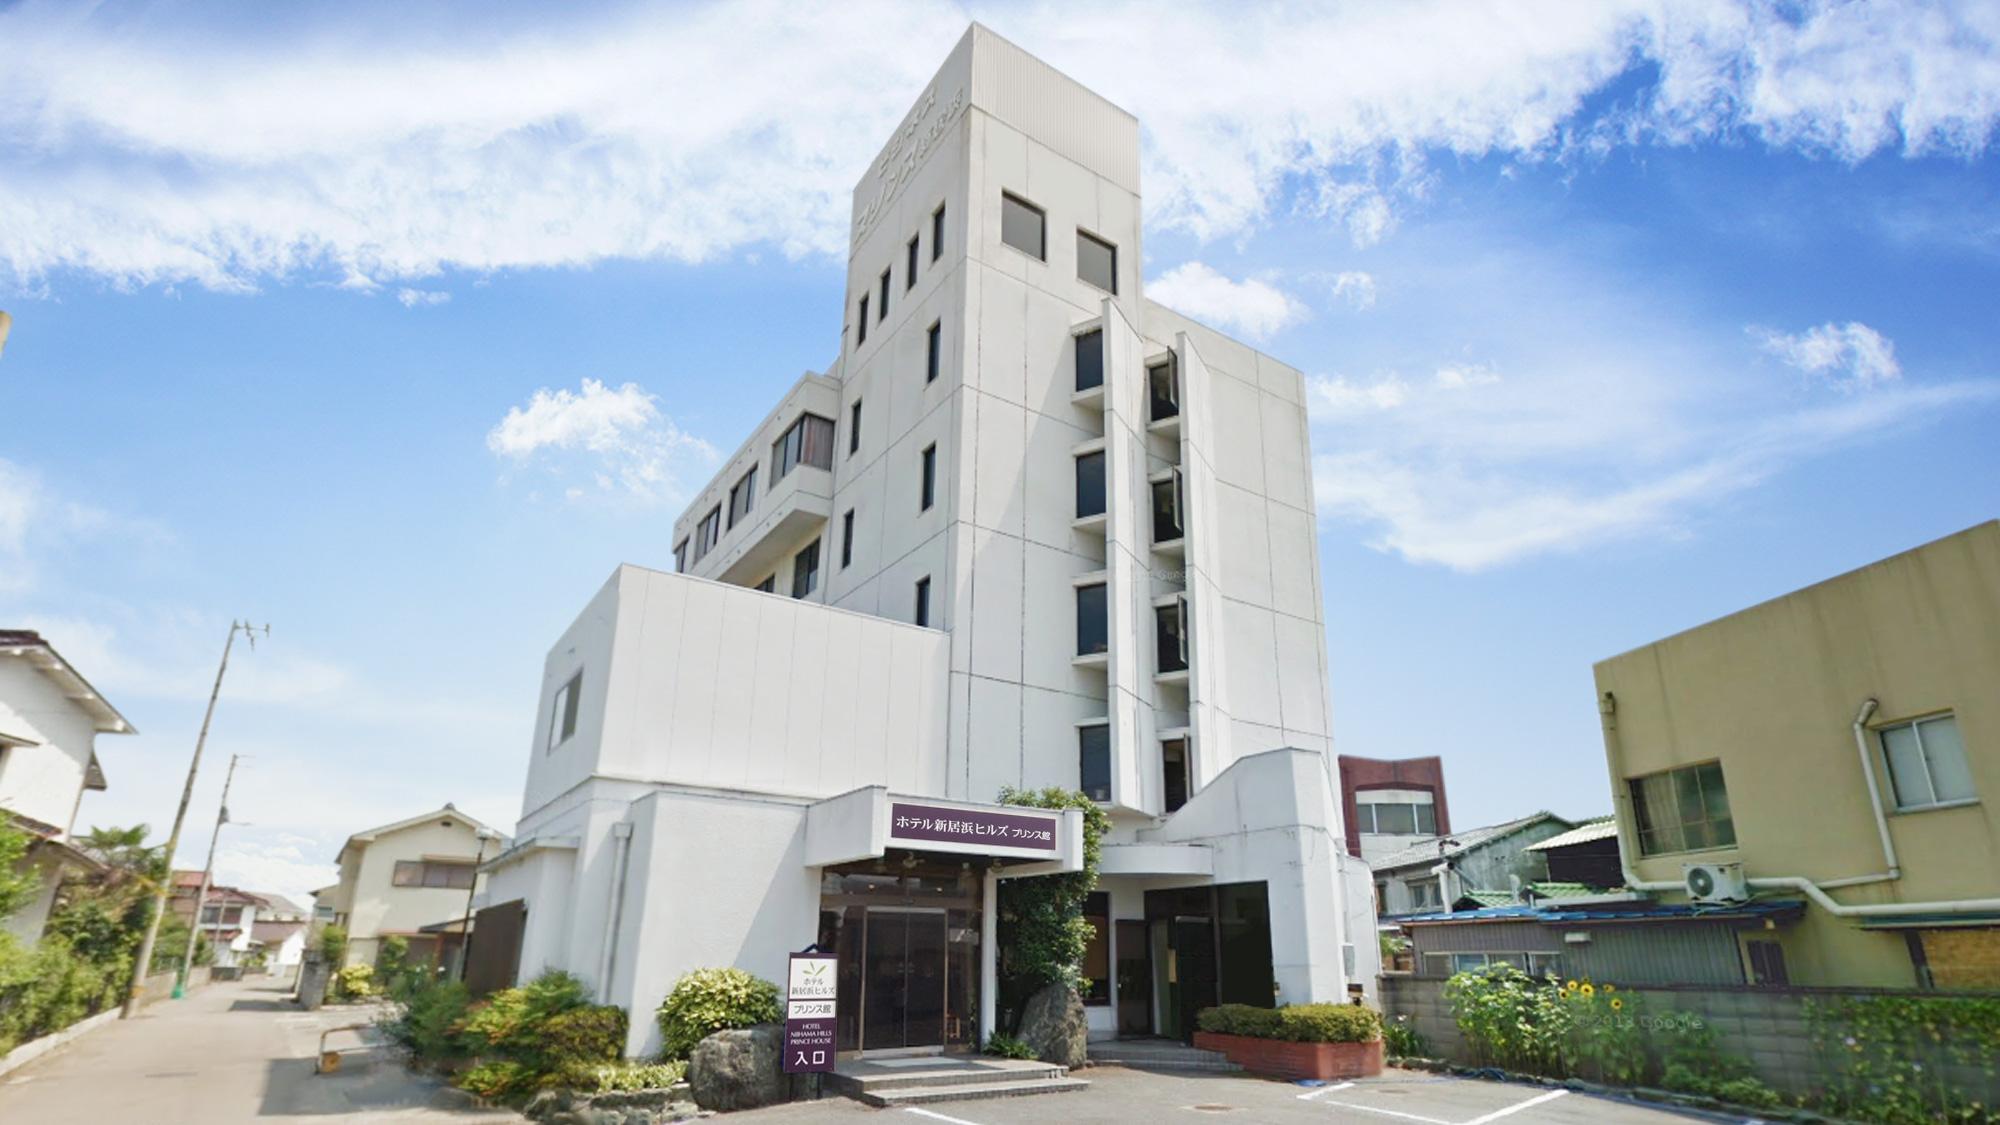 ホテル新居浜ヒルズプリンス館(BBHホテルグループ)...